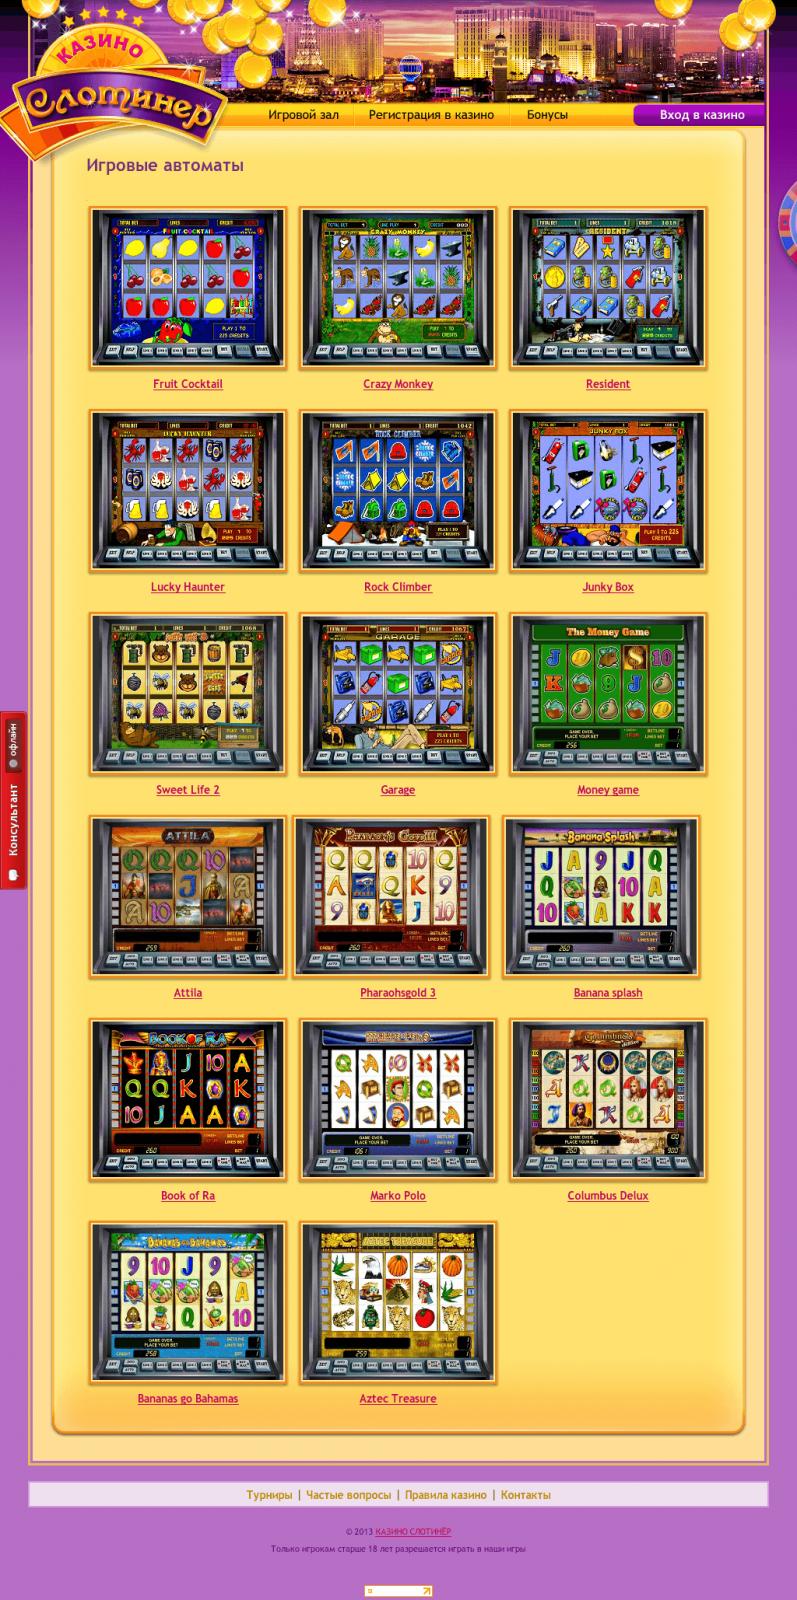 Форум Казино - обсуждение азартных игр, букмекерских